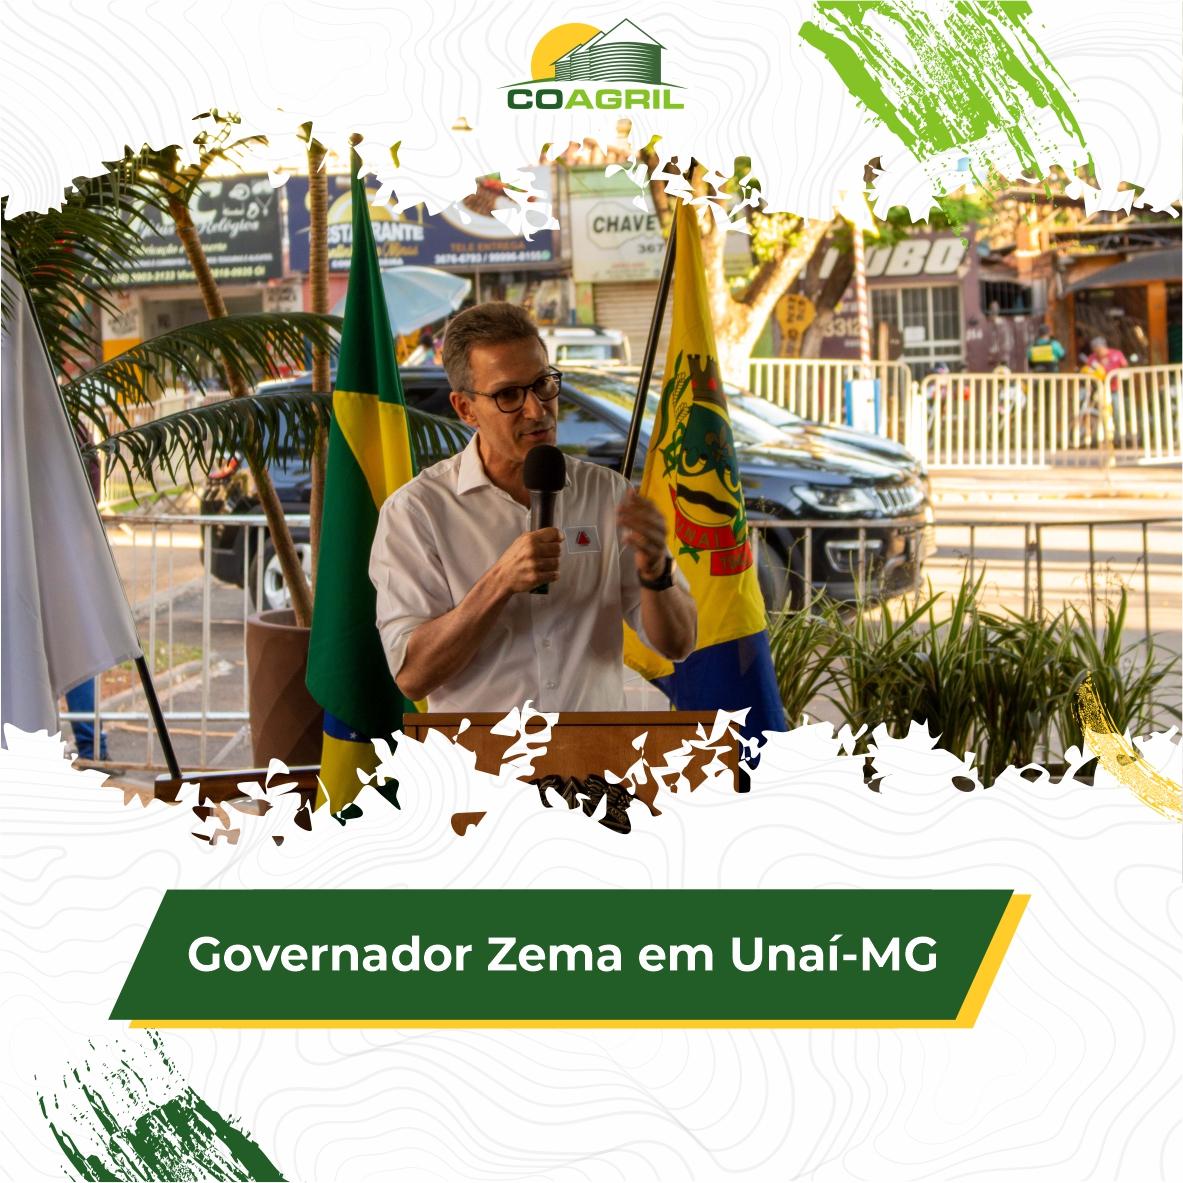 Governador Romeu Zema visita Unaí-MG